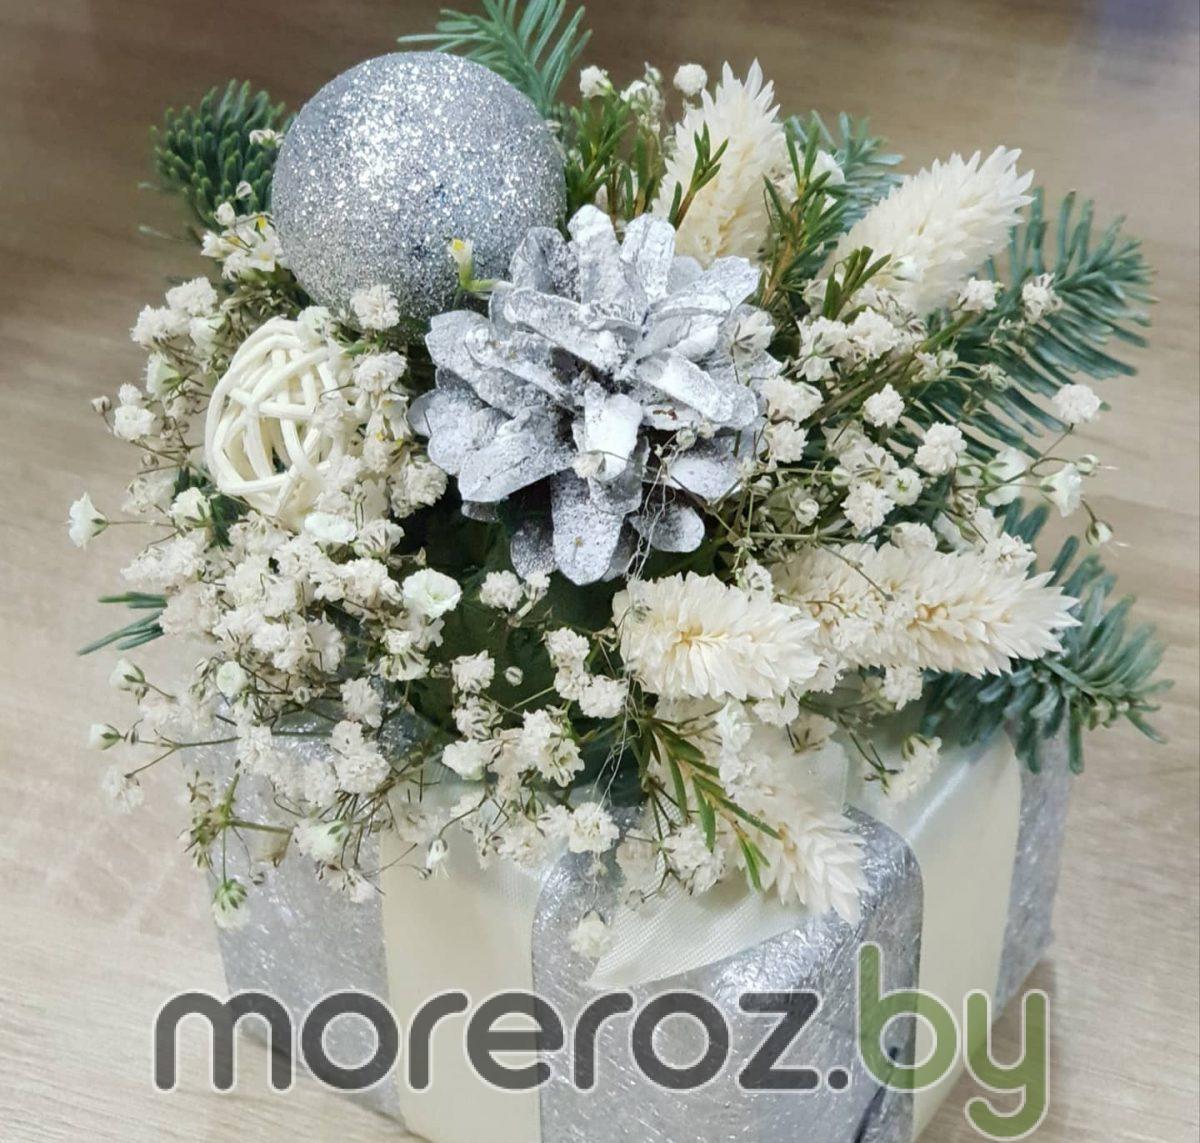 Декор из пихты, сухоцветов, шаров и шишек